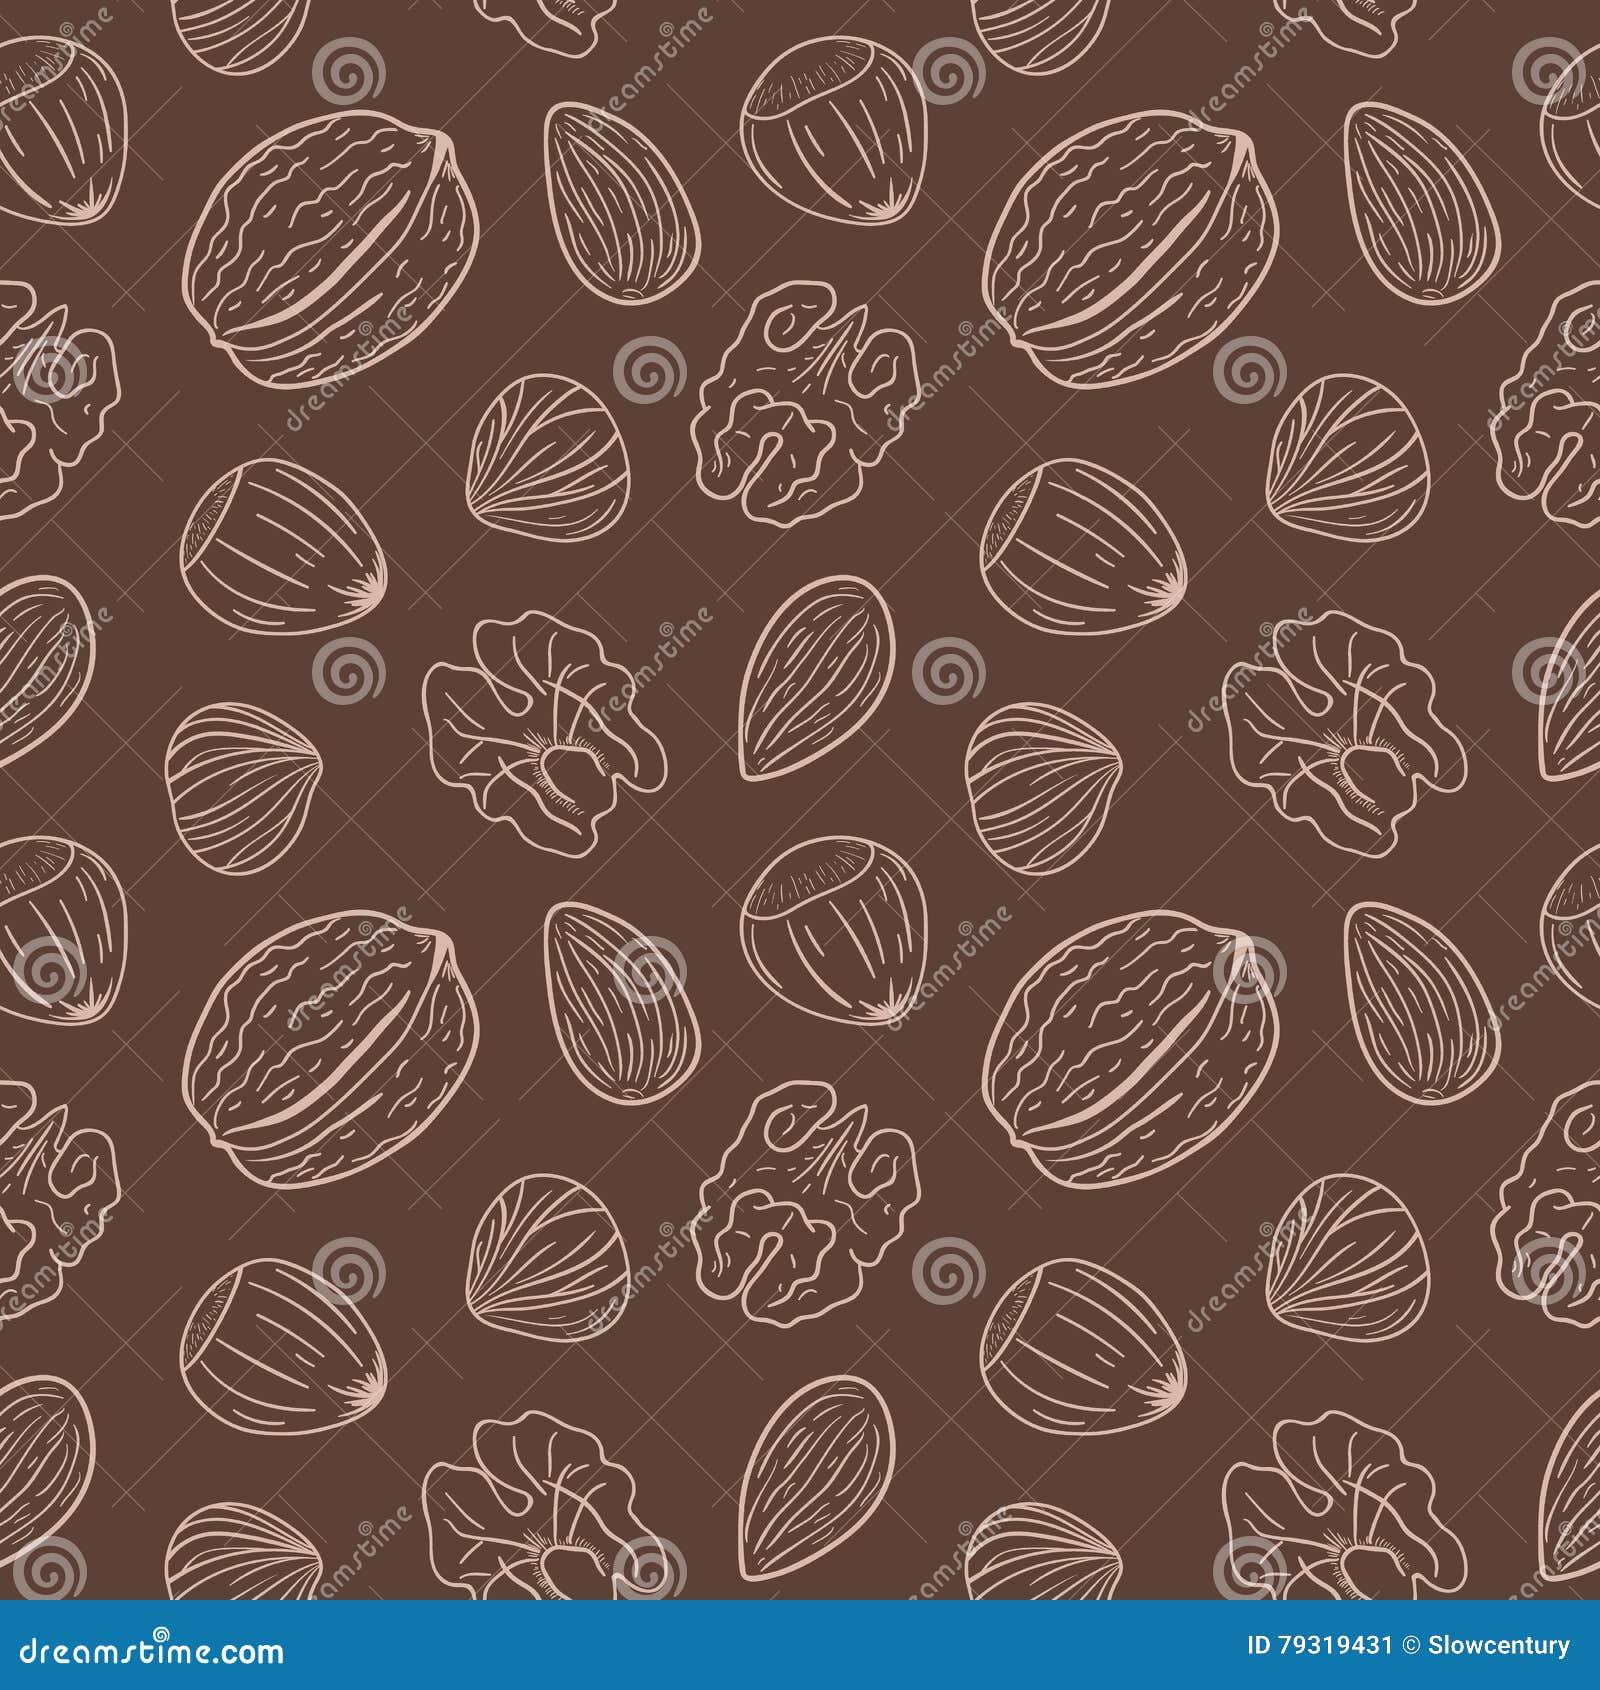 Nahtloses Muster mit verschiedenen Nüssen, ganz und geschält Walnüsse, Mandeln, Haselnüsse Mischung von Nüssen